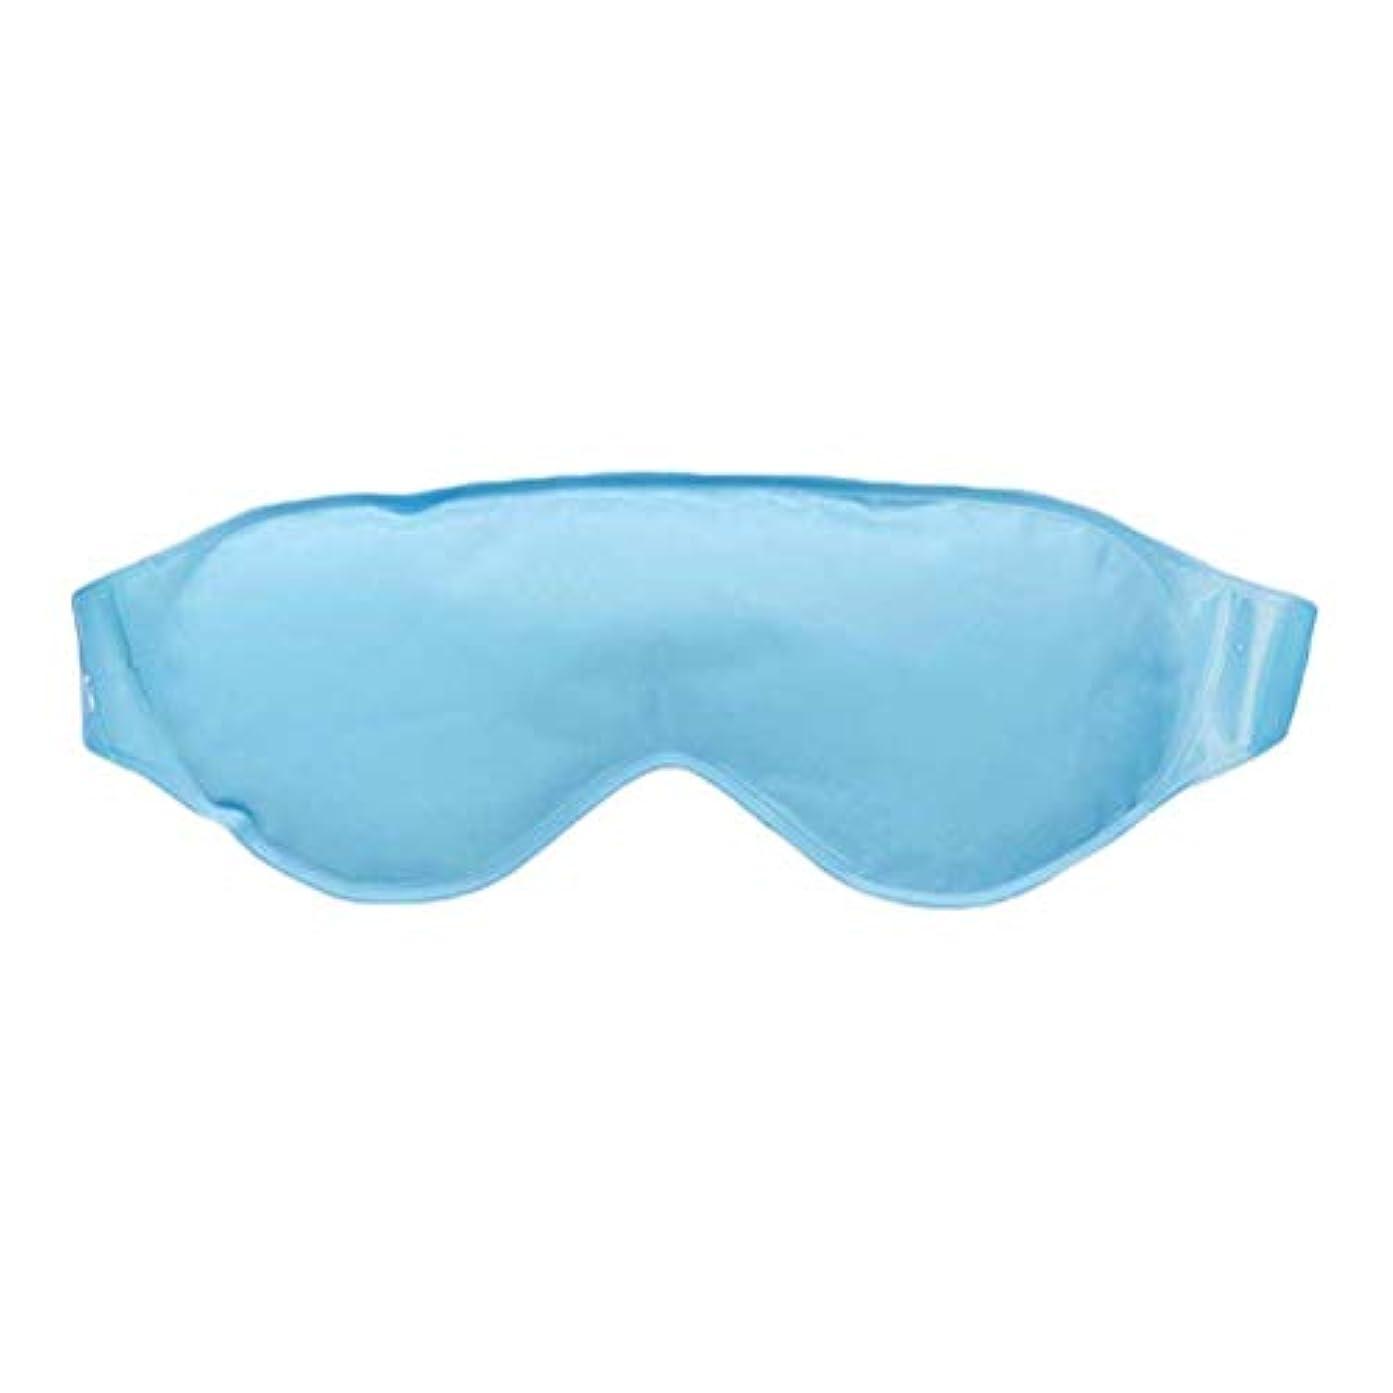 それぞれとげラダSUPVOX アイスフェイス物理的冷却アイマスクアイスコンプレッションバッグアイレリーフマスク(ブルー)